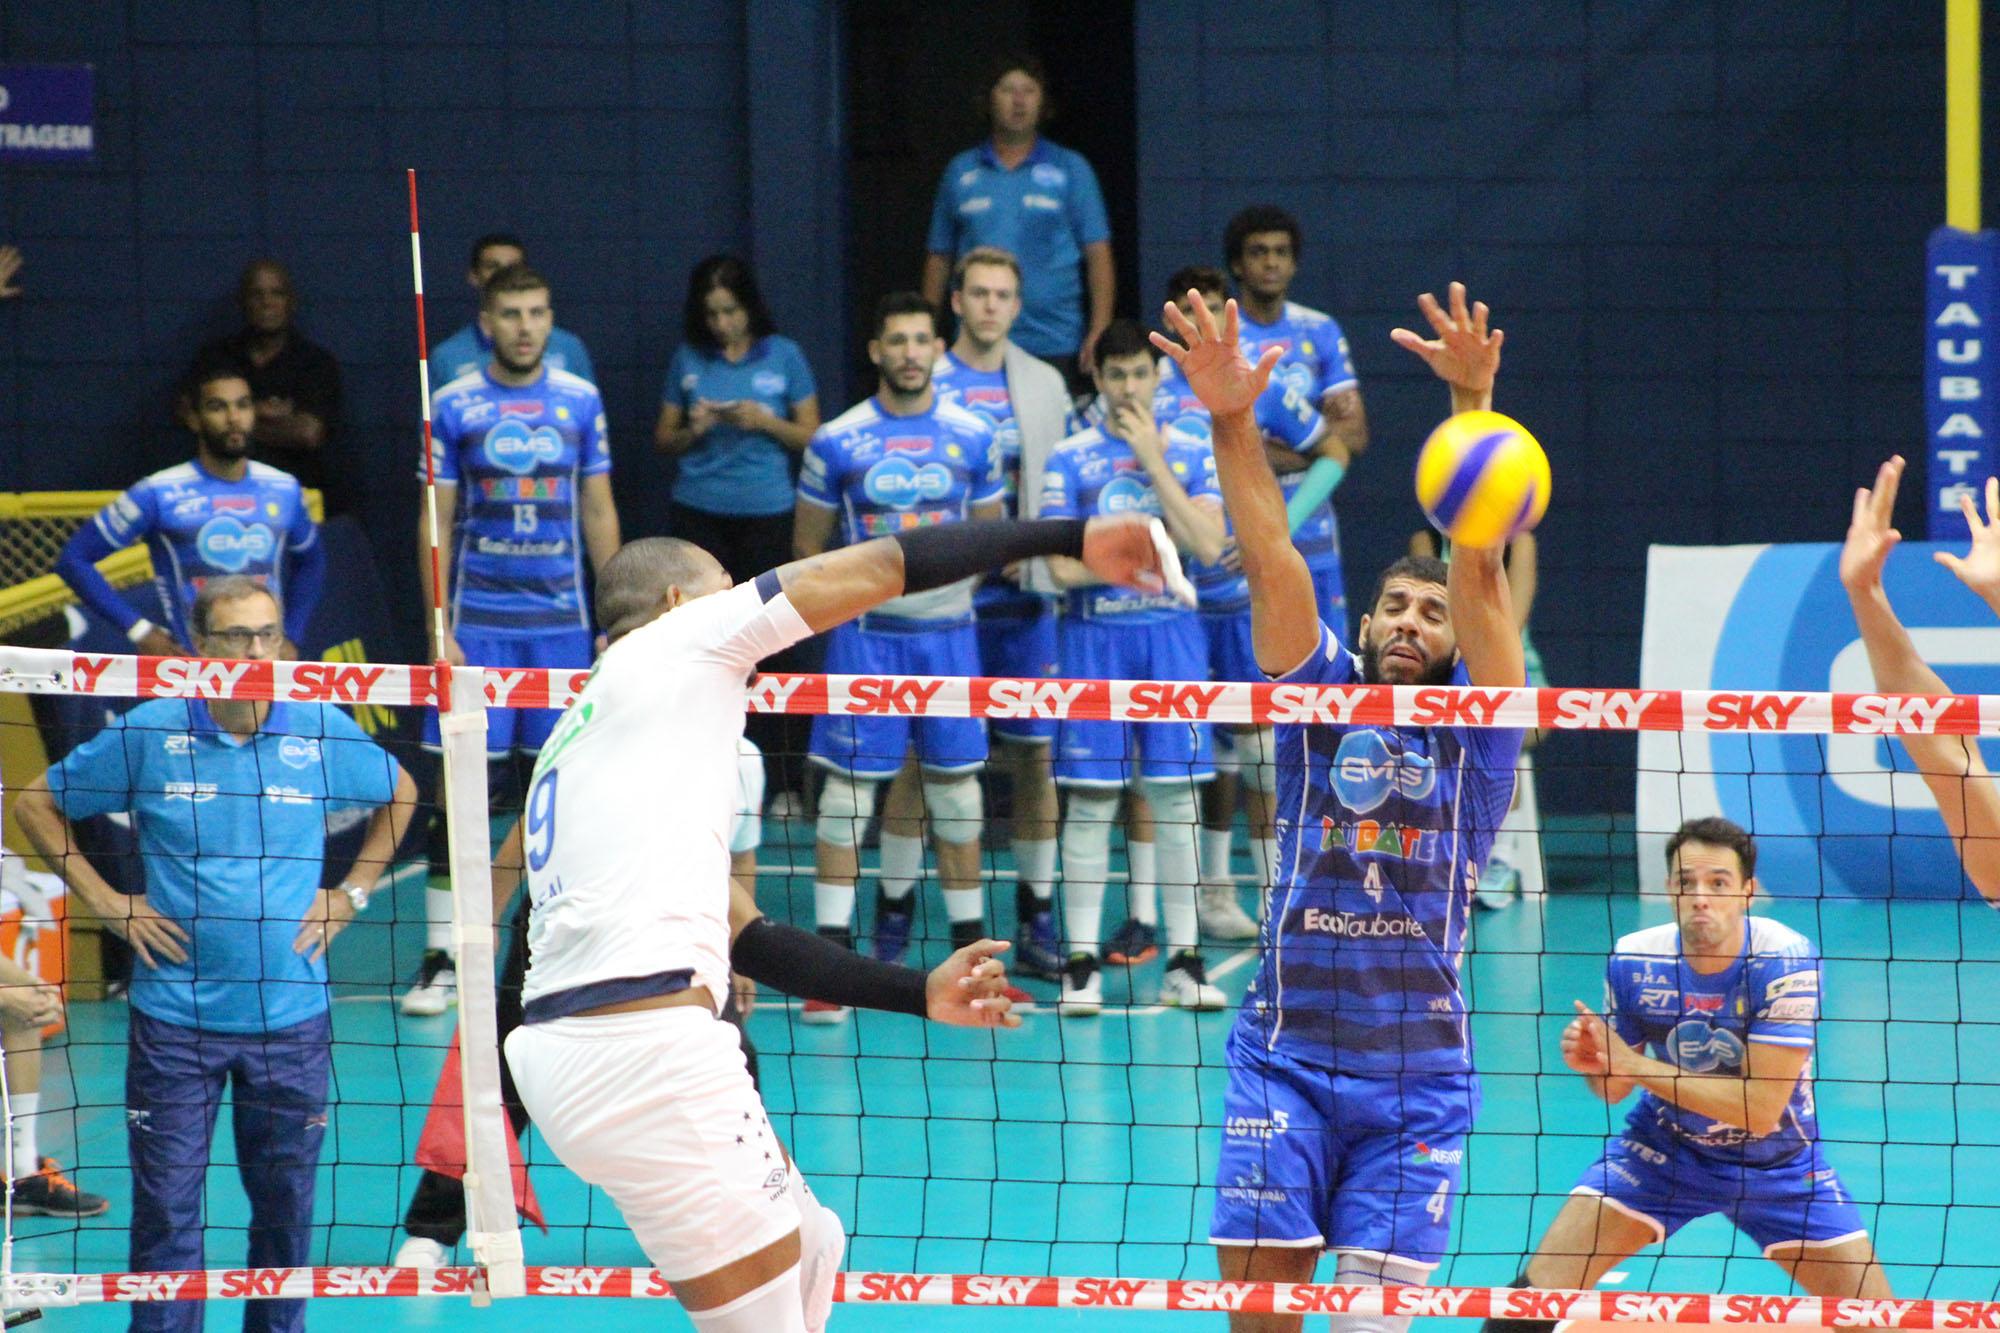 EMS Taubaté Funvic vence o Sada Cruzeiro e abre 2 a 0 na série